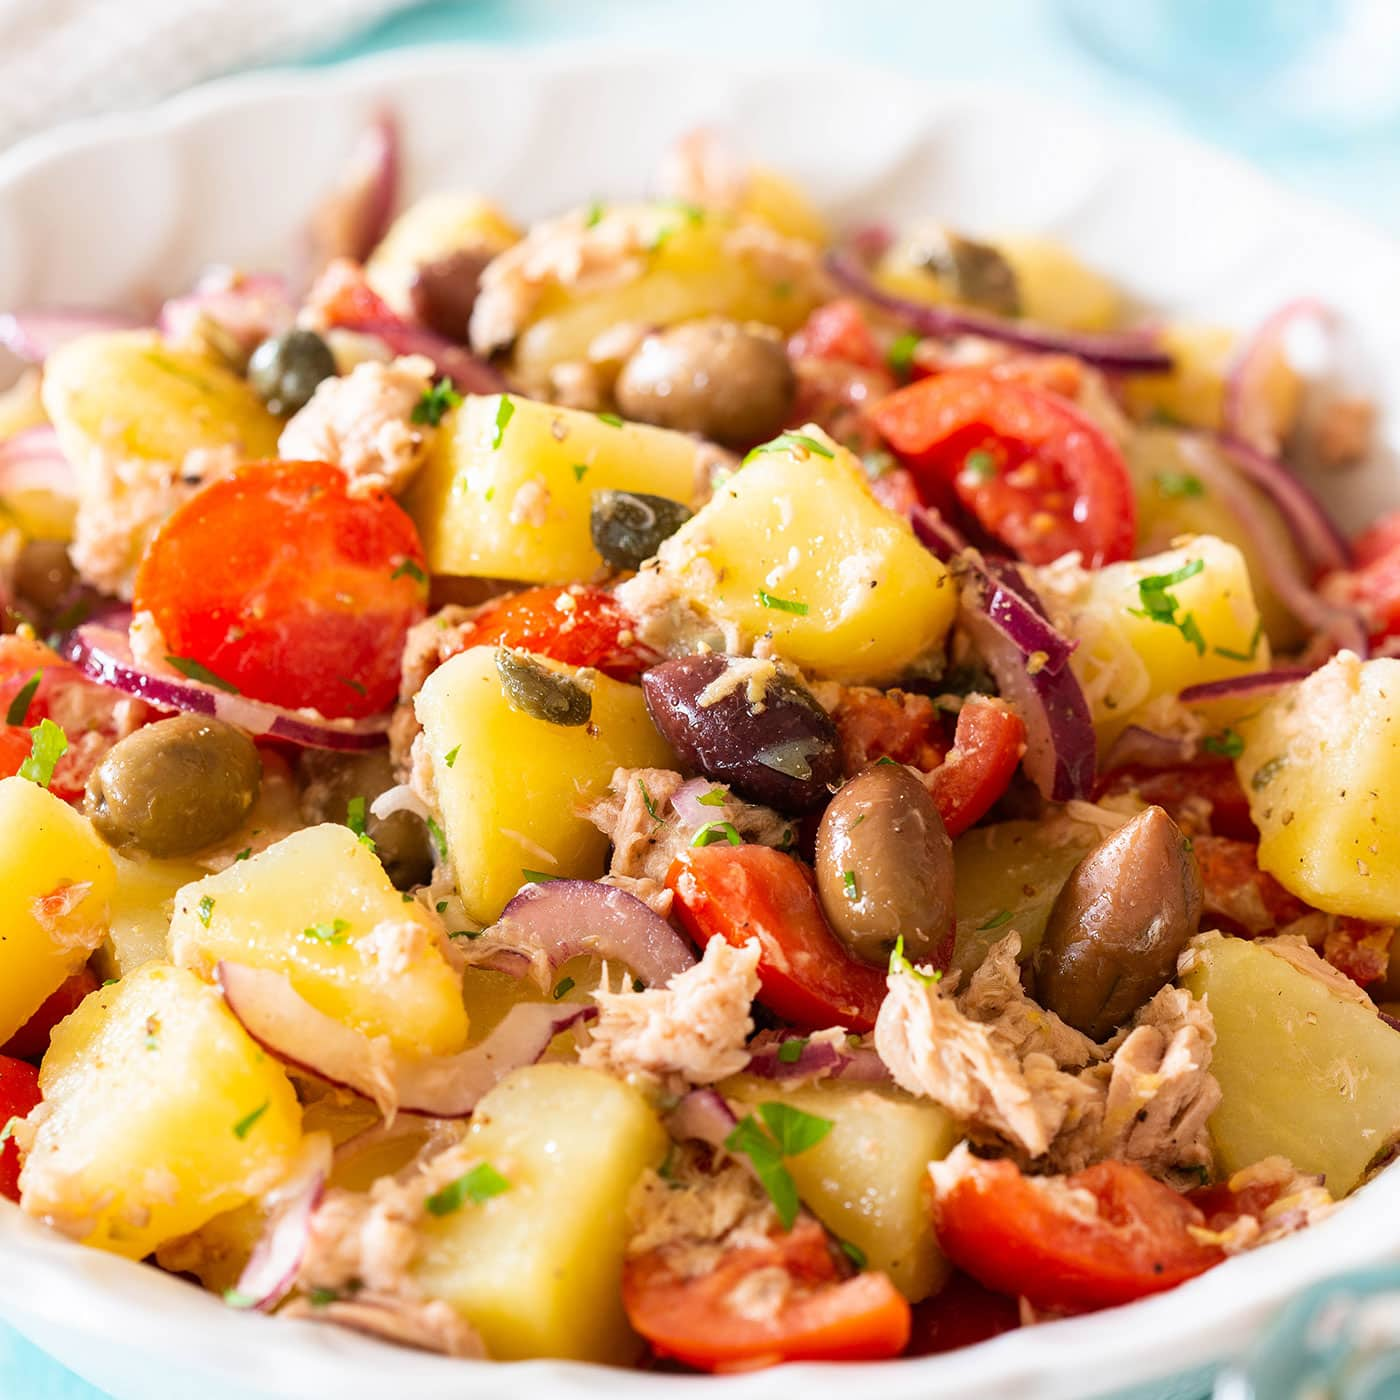 Tuna potato salad recipe.